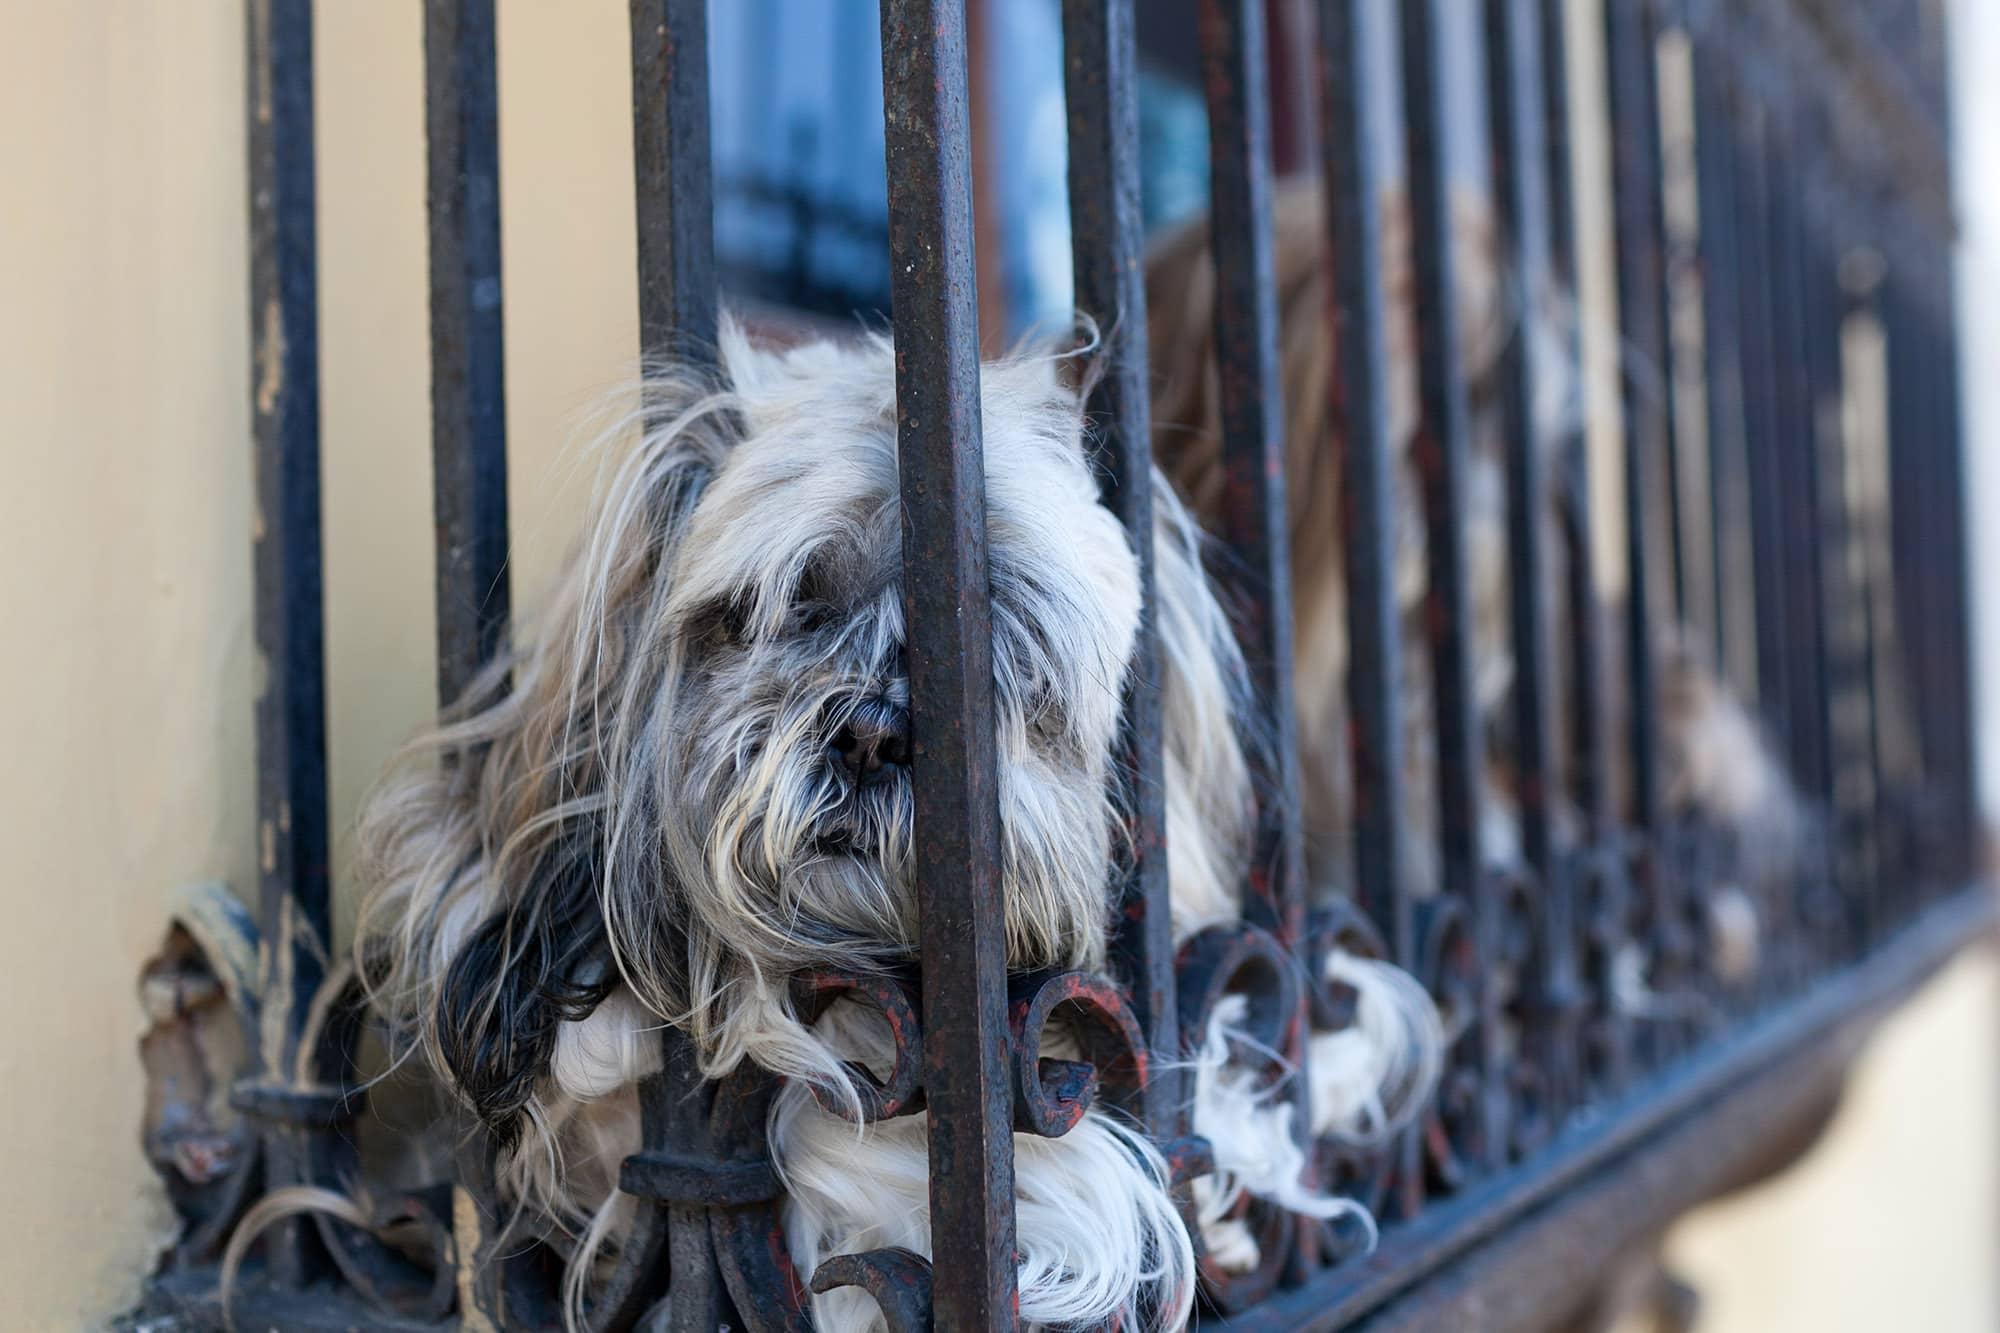 Doggy in the window in Antigua, Guatemala